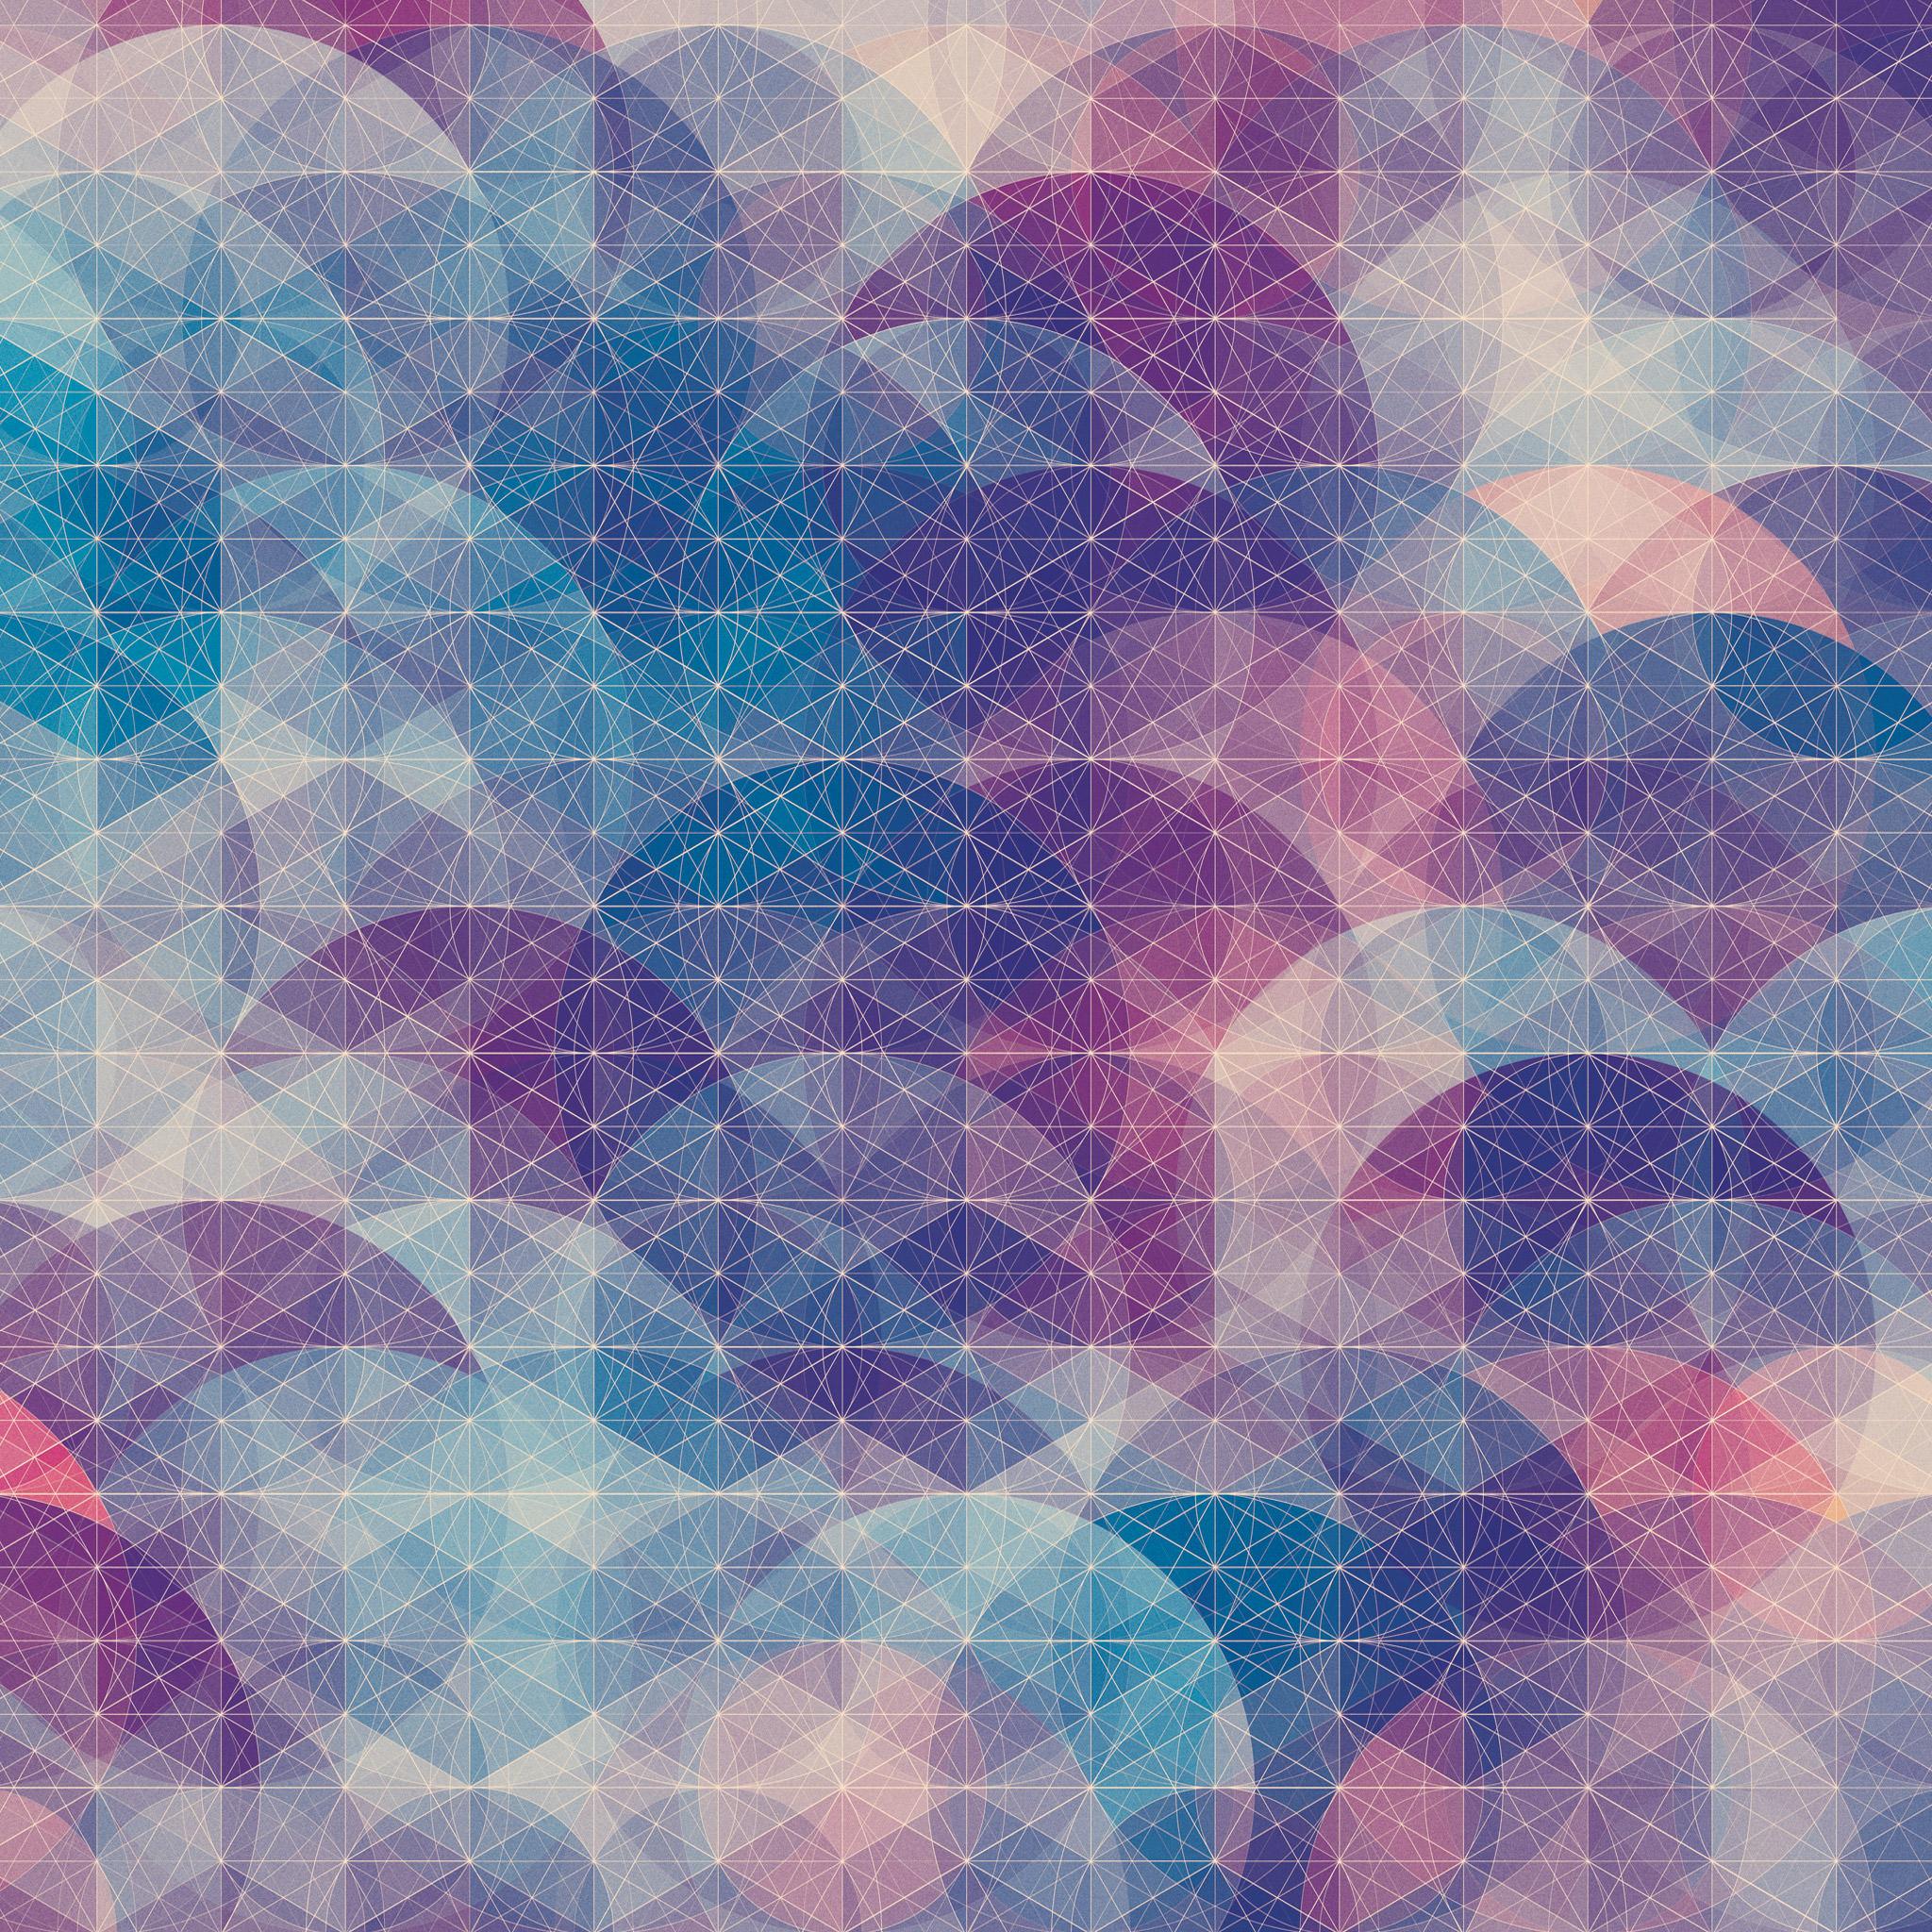 カラフルな幾何学模様の壁紙2(iPad3用/2048×2048)